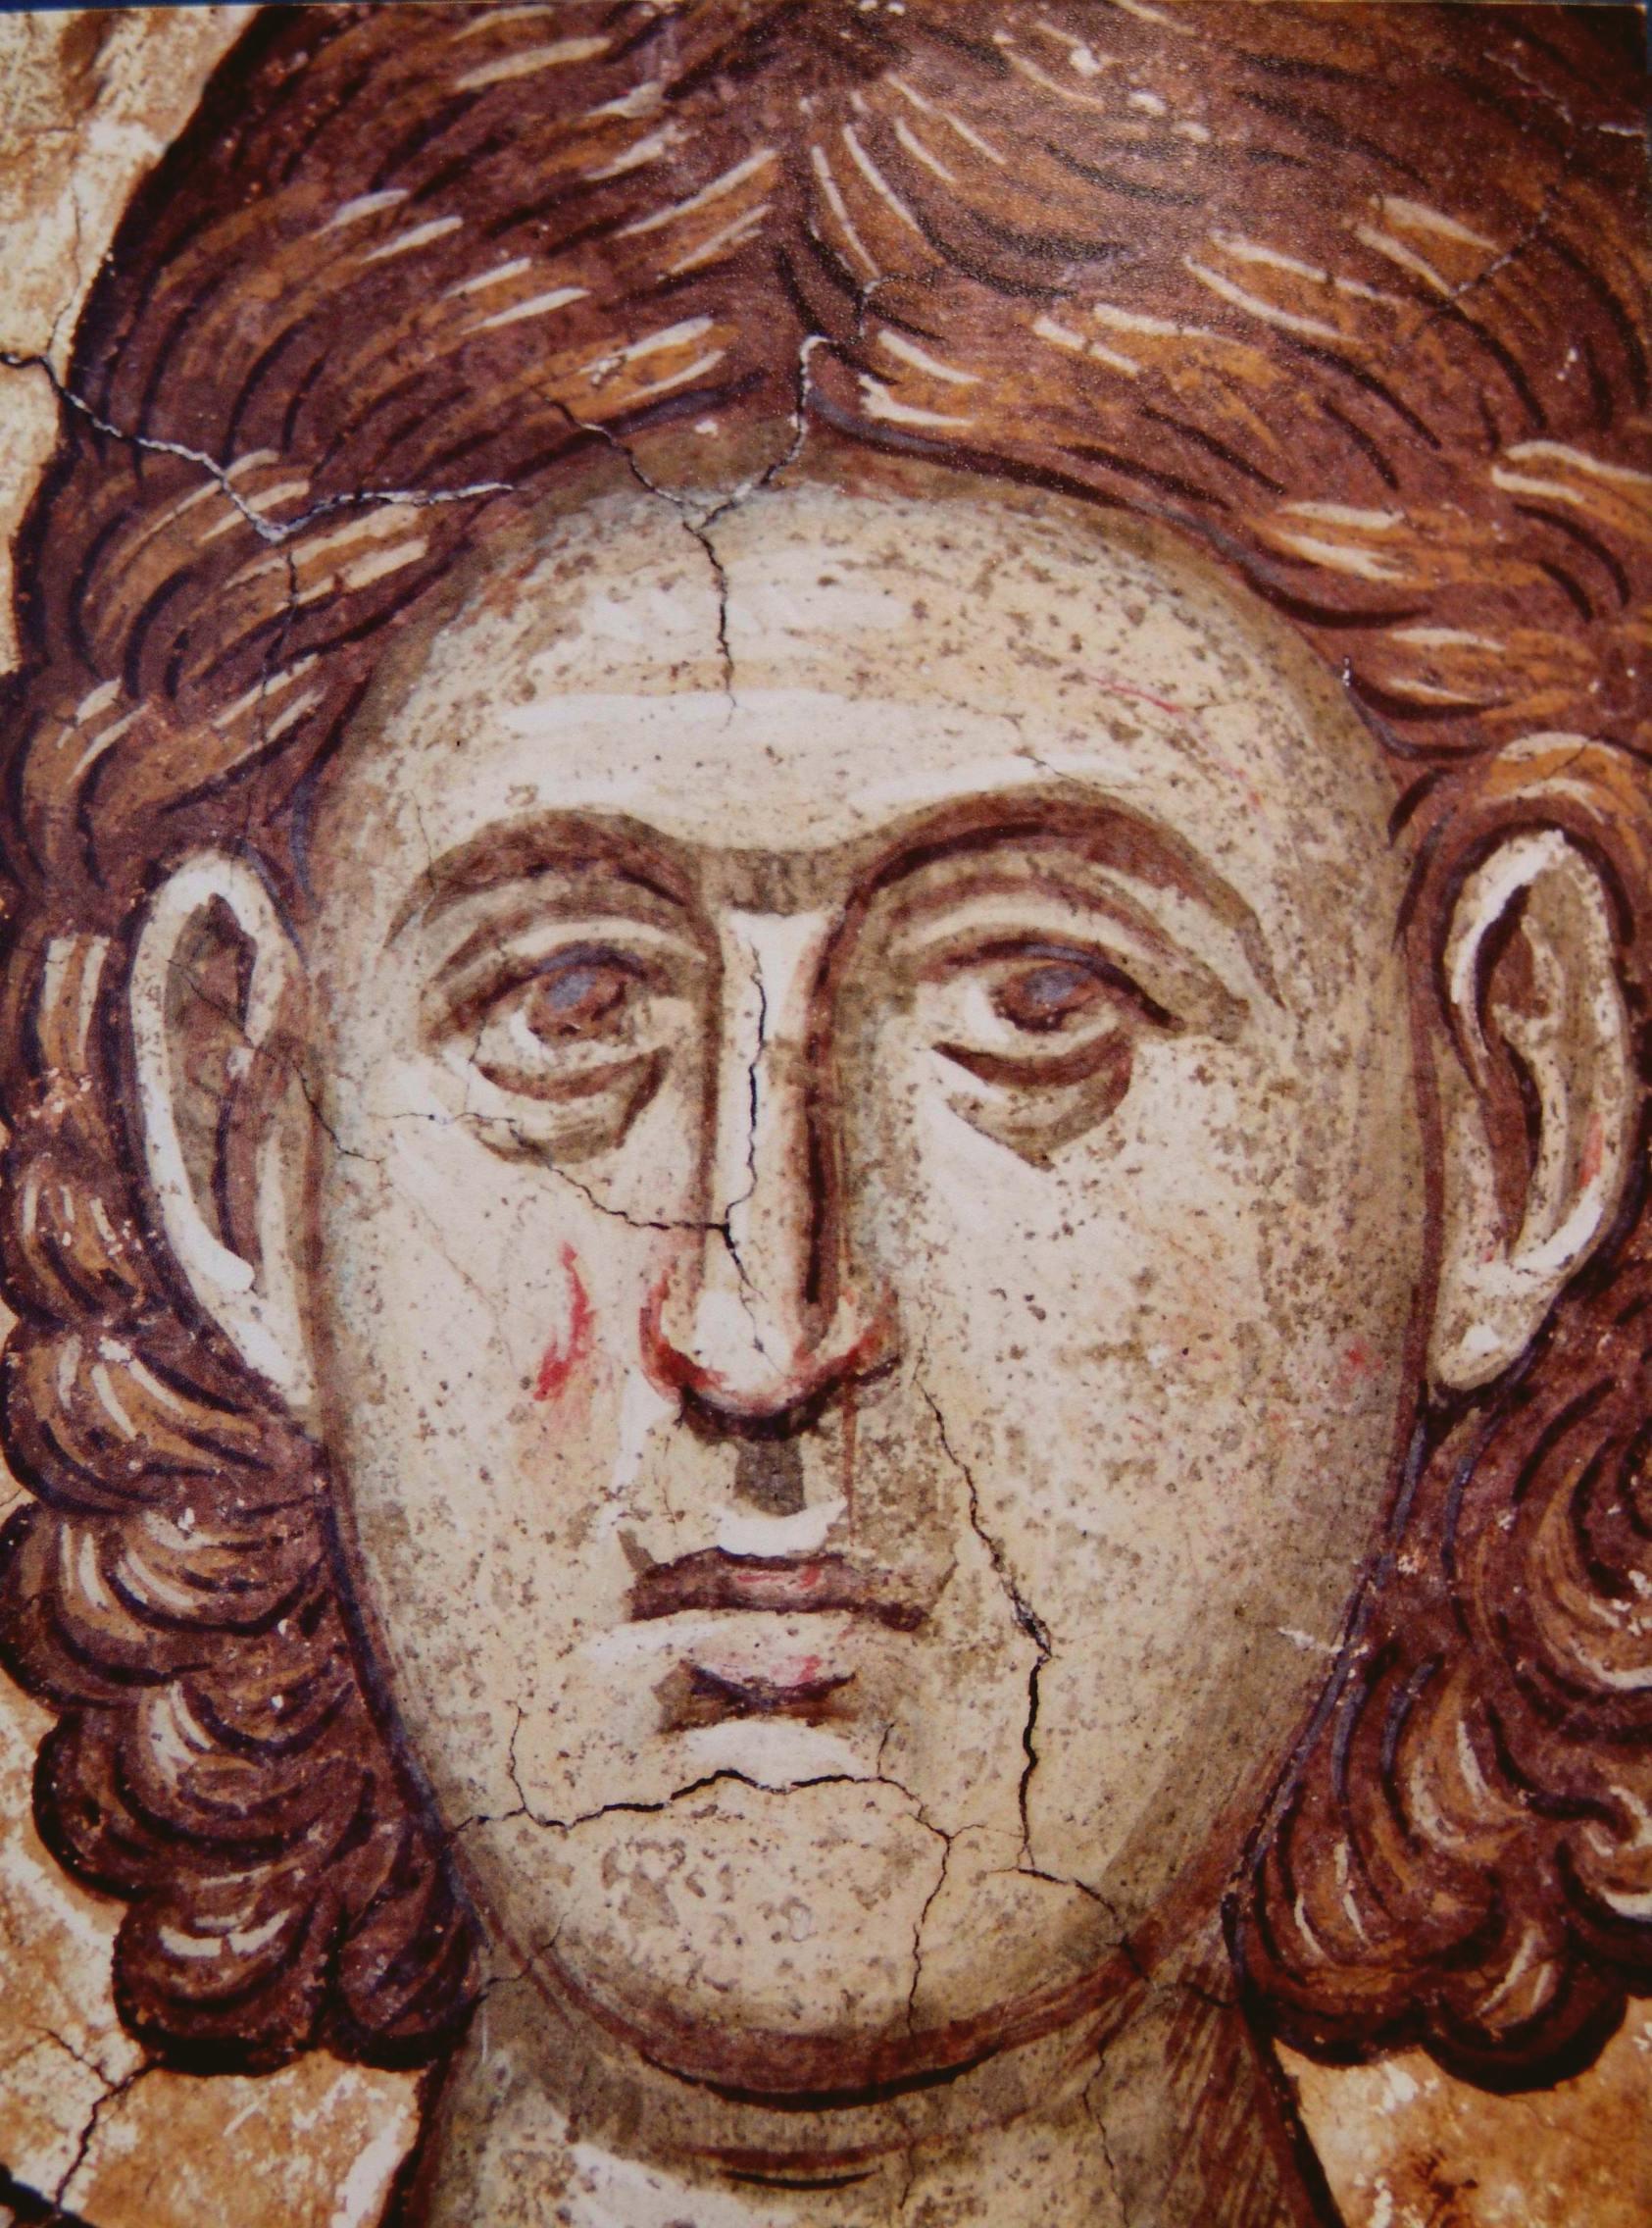 Святой мученик Каллистрат Византийский. Фреска монастыря Высокие Дечаны, Косово, Сербия. Около 1350 года.